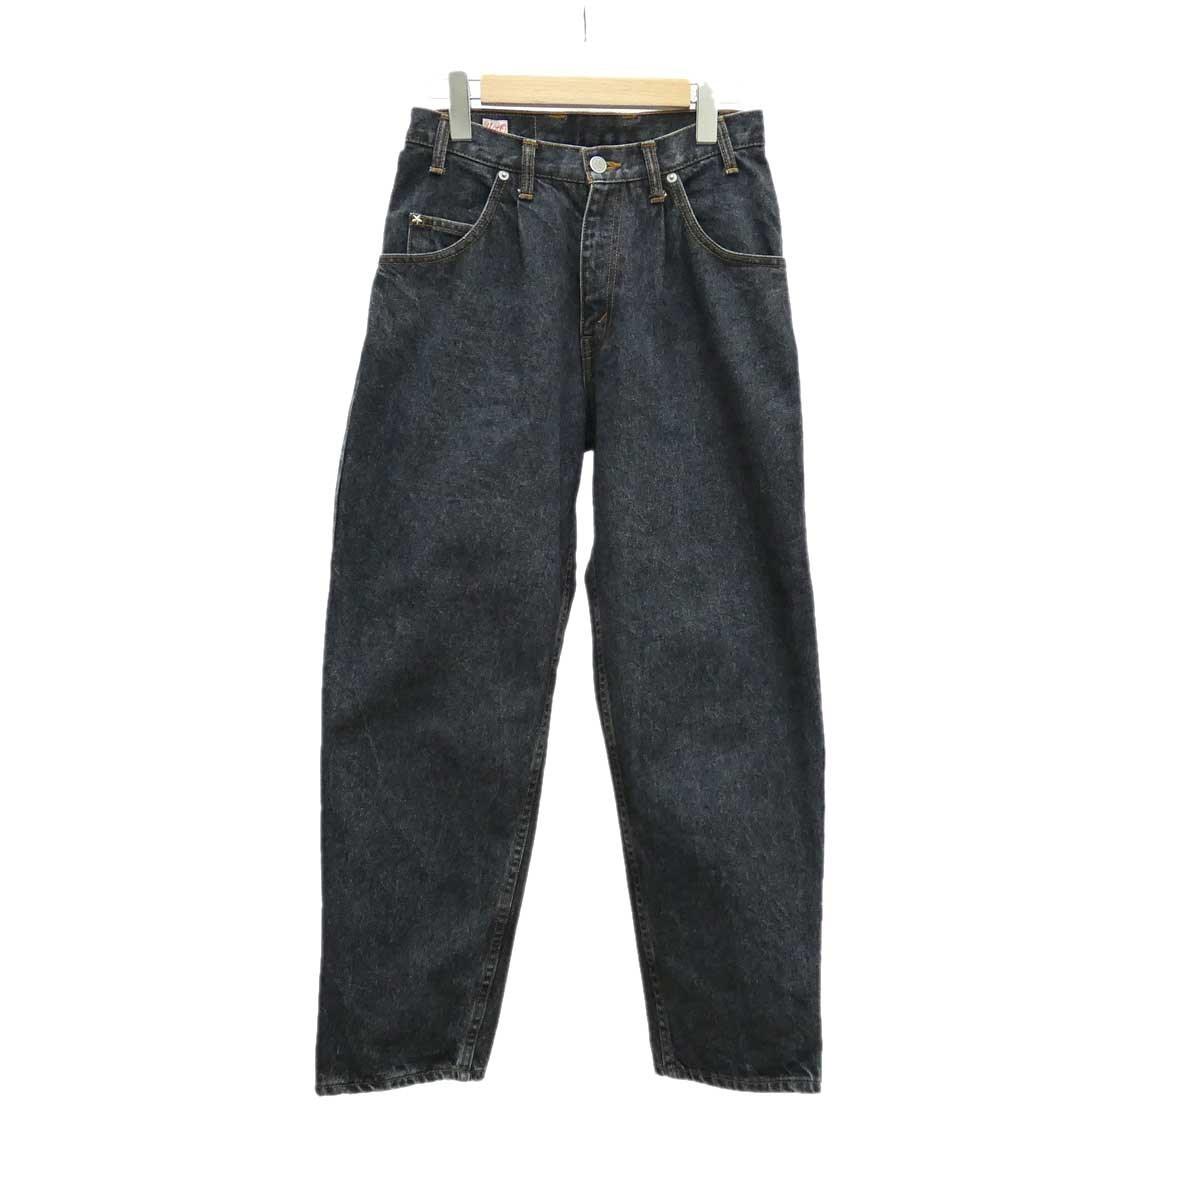 【中古】YOUNG&OLSEN The DRYGOODS STORE ヤングテキサスジーンズ ブラック サイズ:W26 【160420】(ヤングアンドオルセン)